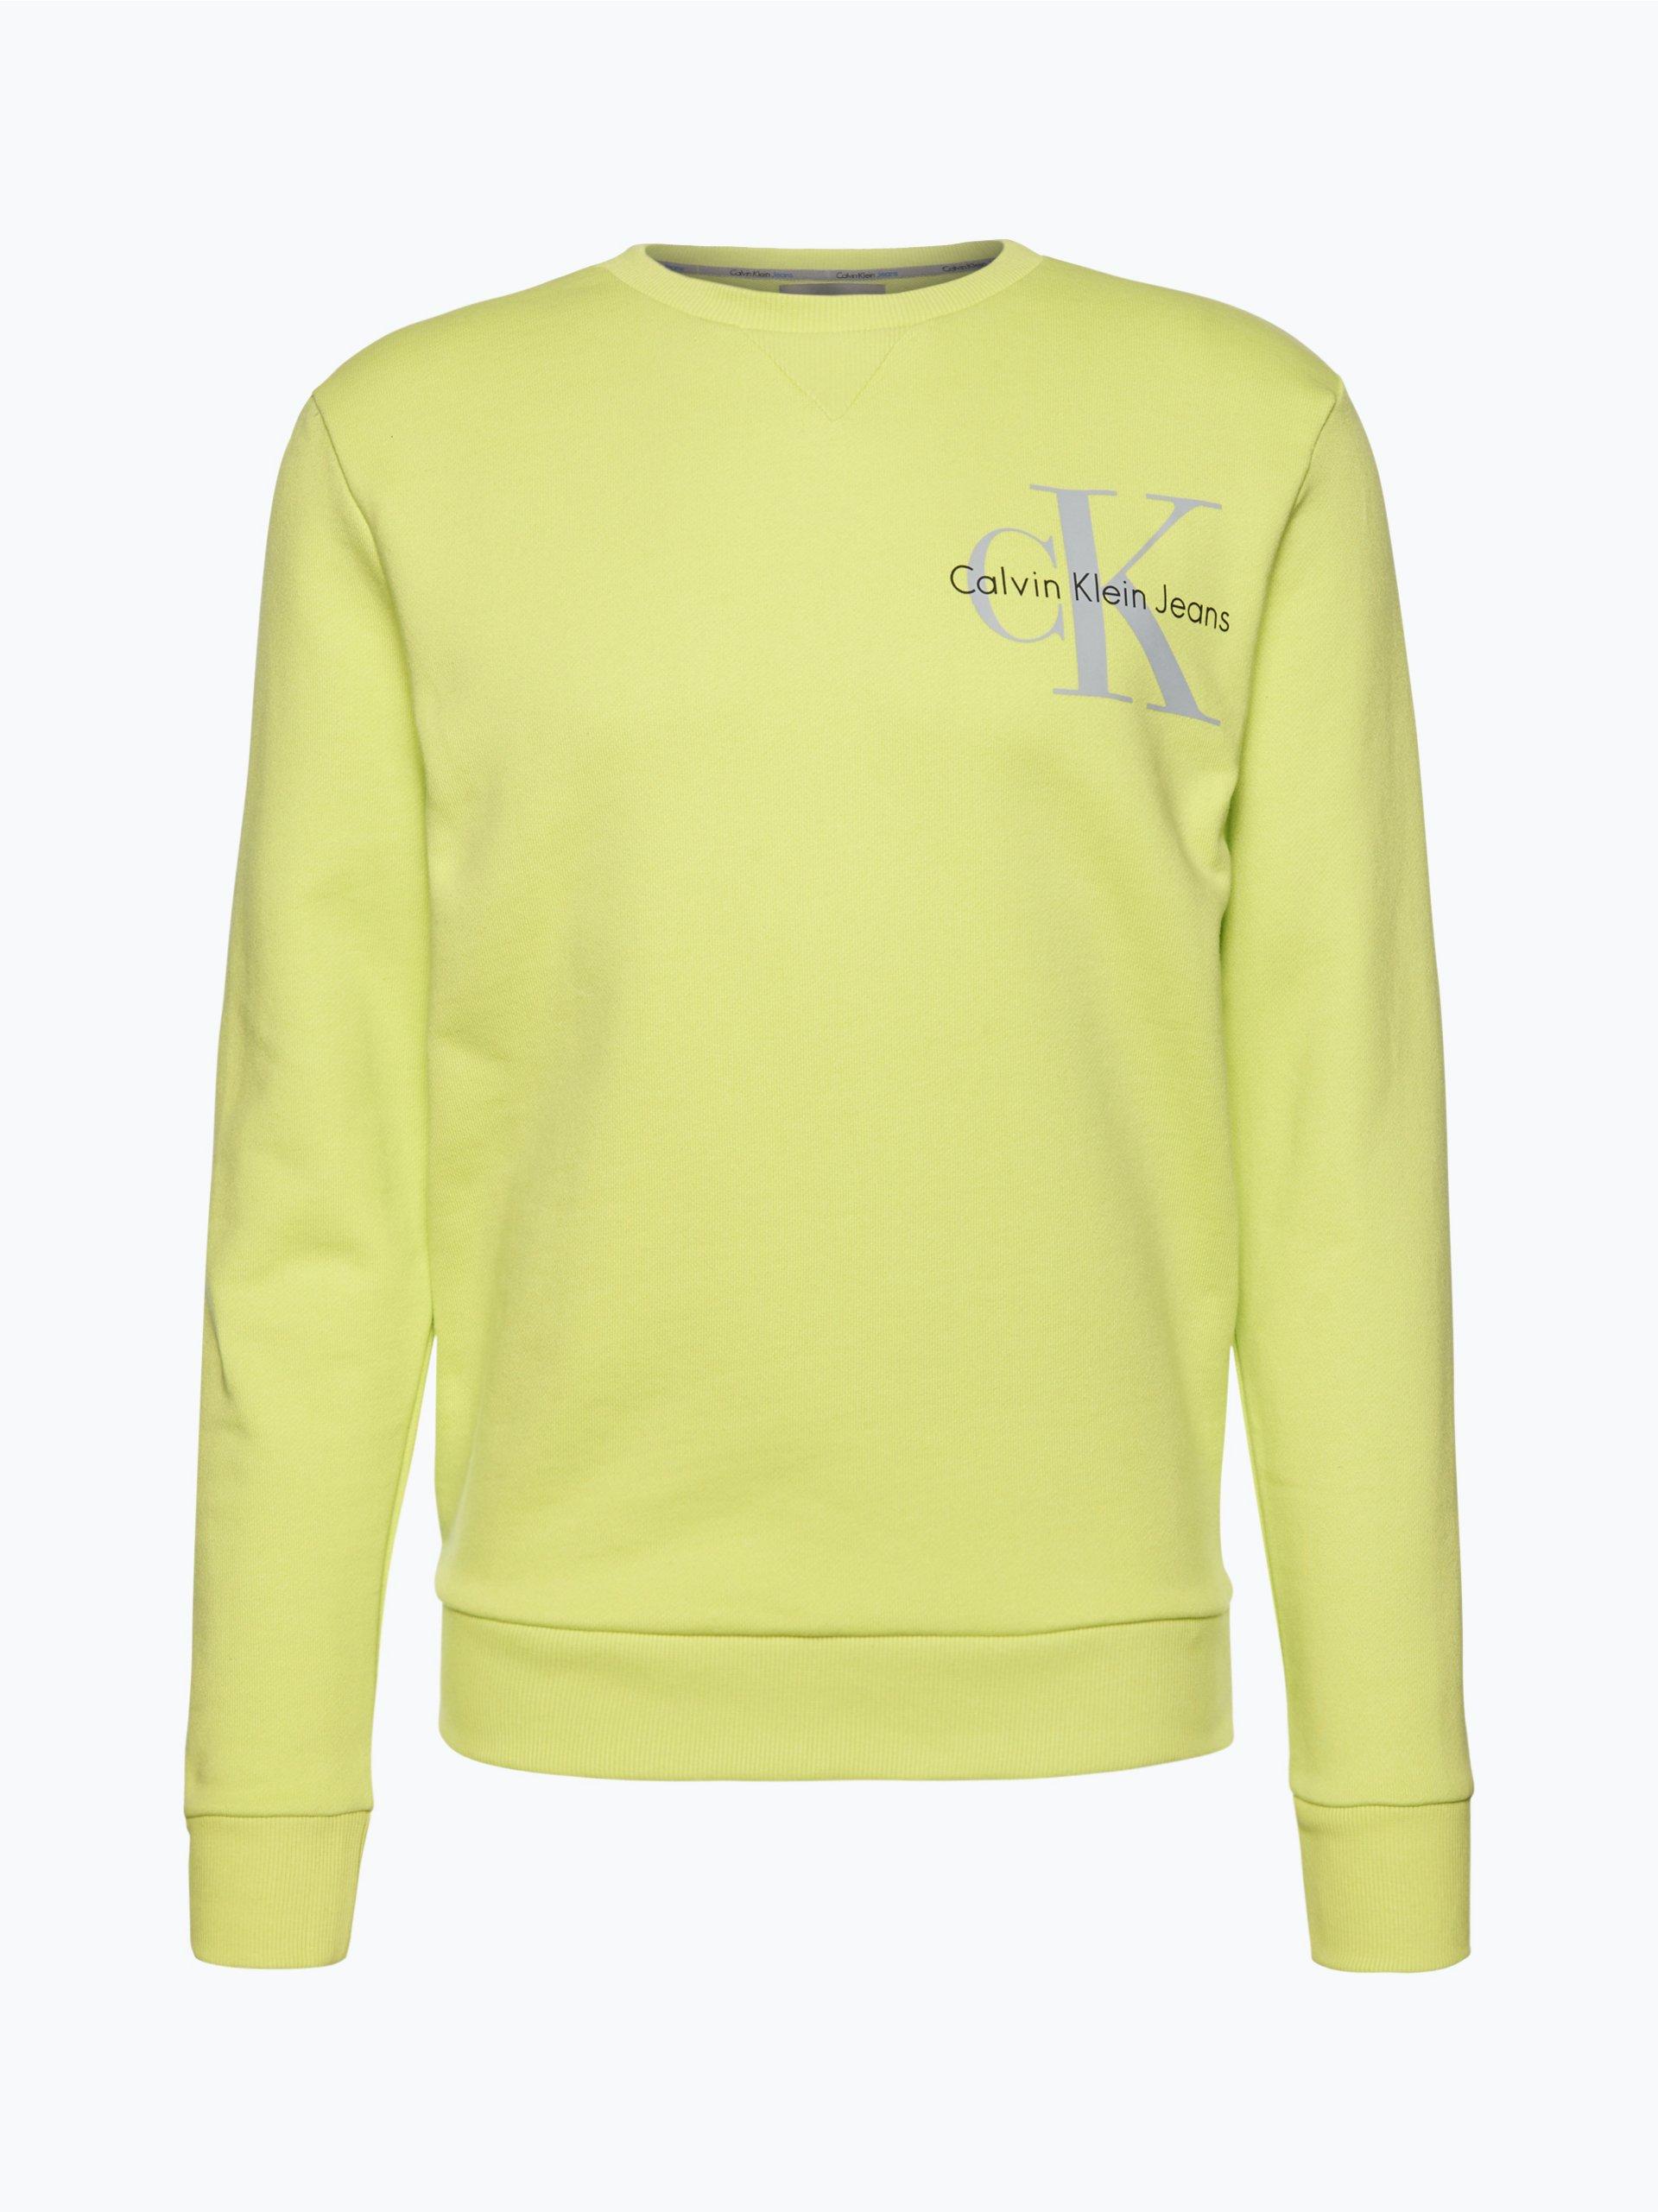 calvin klein jeans herren sweatshirt online kaufen vangraaf com. Black Bedroom Furniture Sets. Home Design Ideas